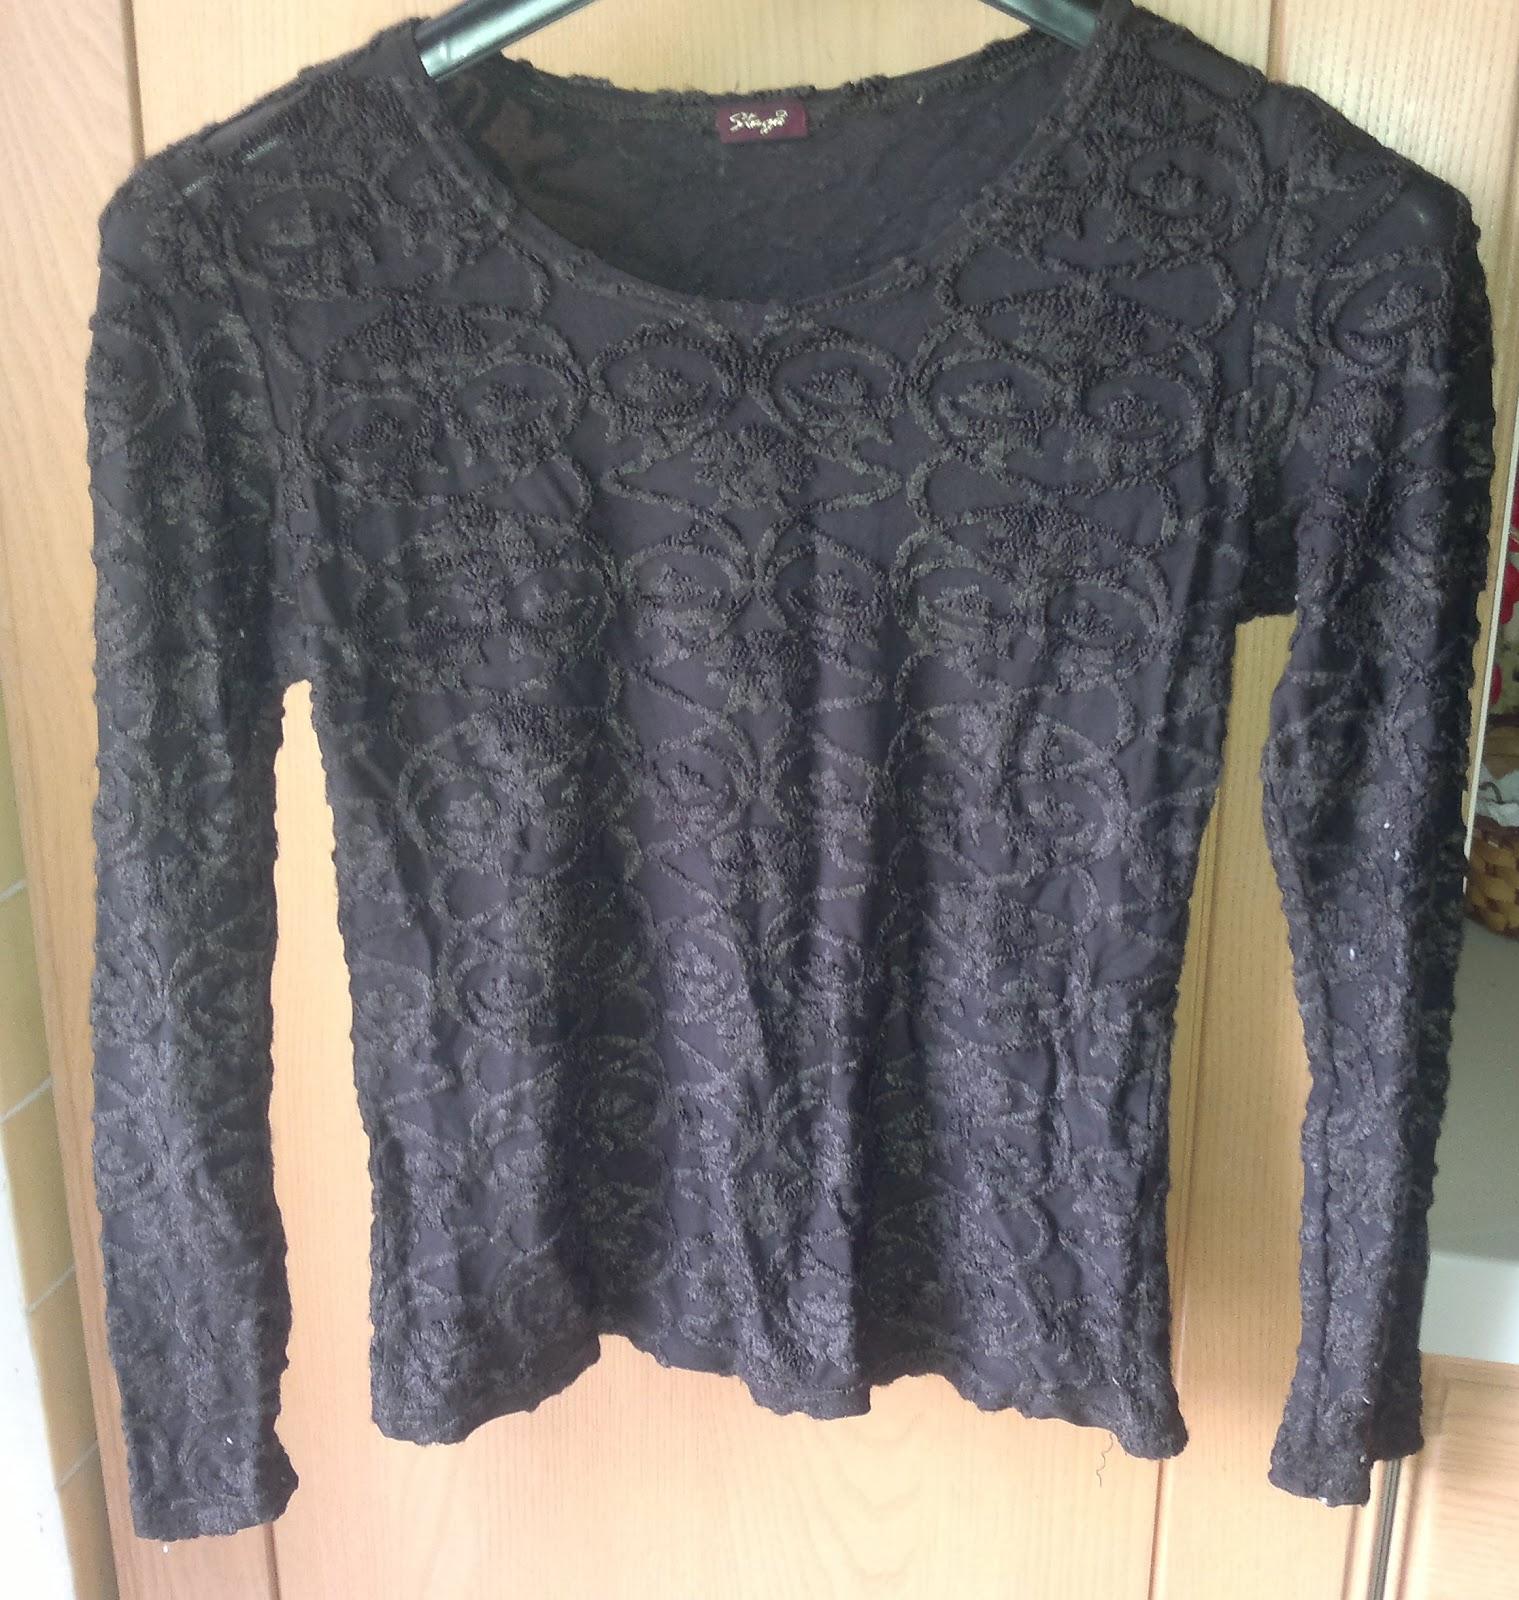 new product 594cb b17e4 Taglio Cucio Ricreo: Vestito facile da cucire